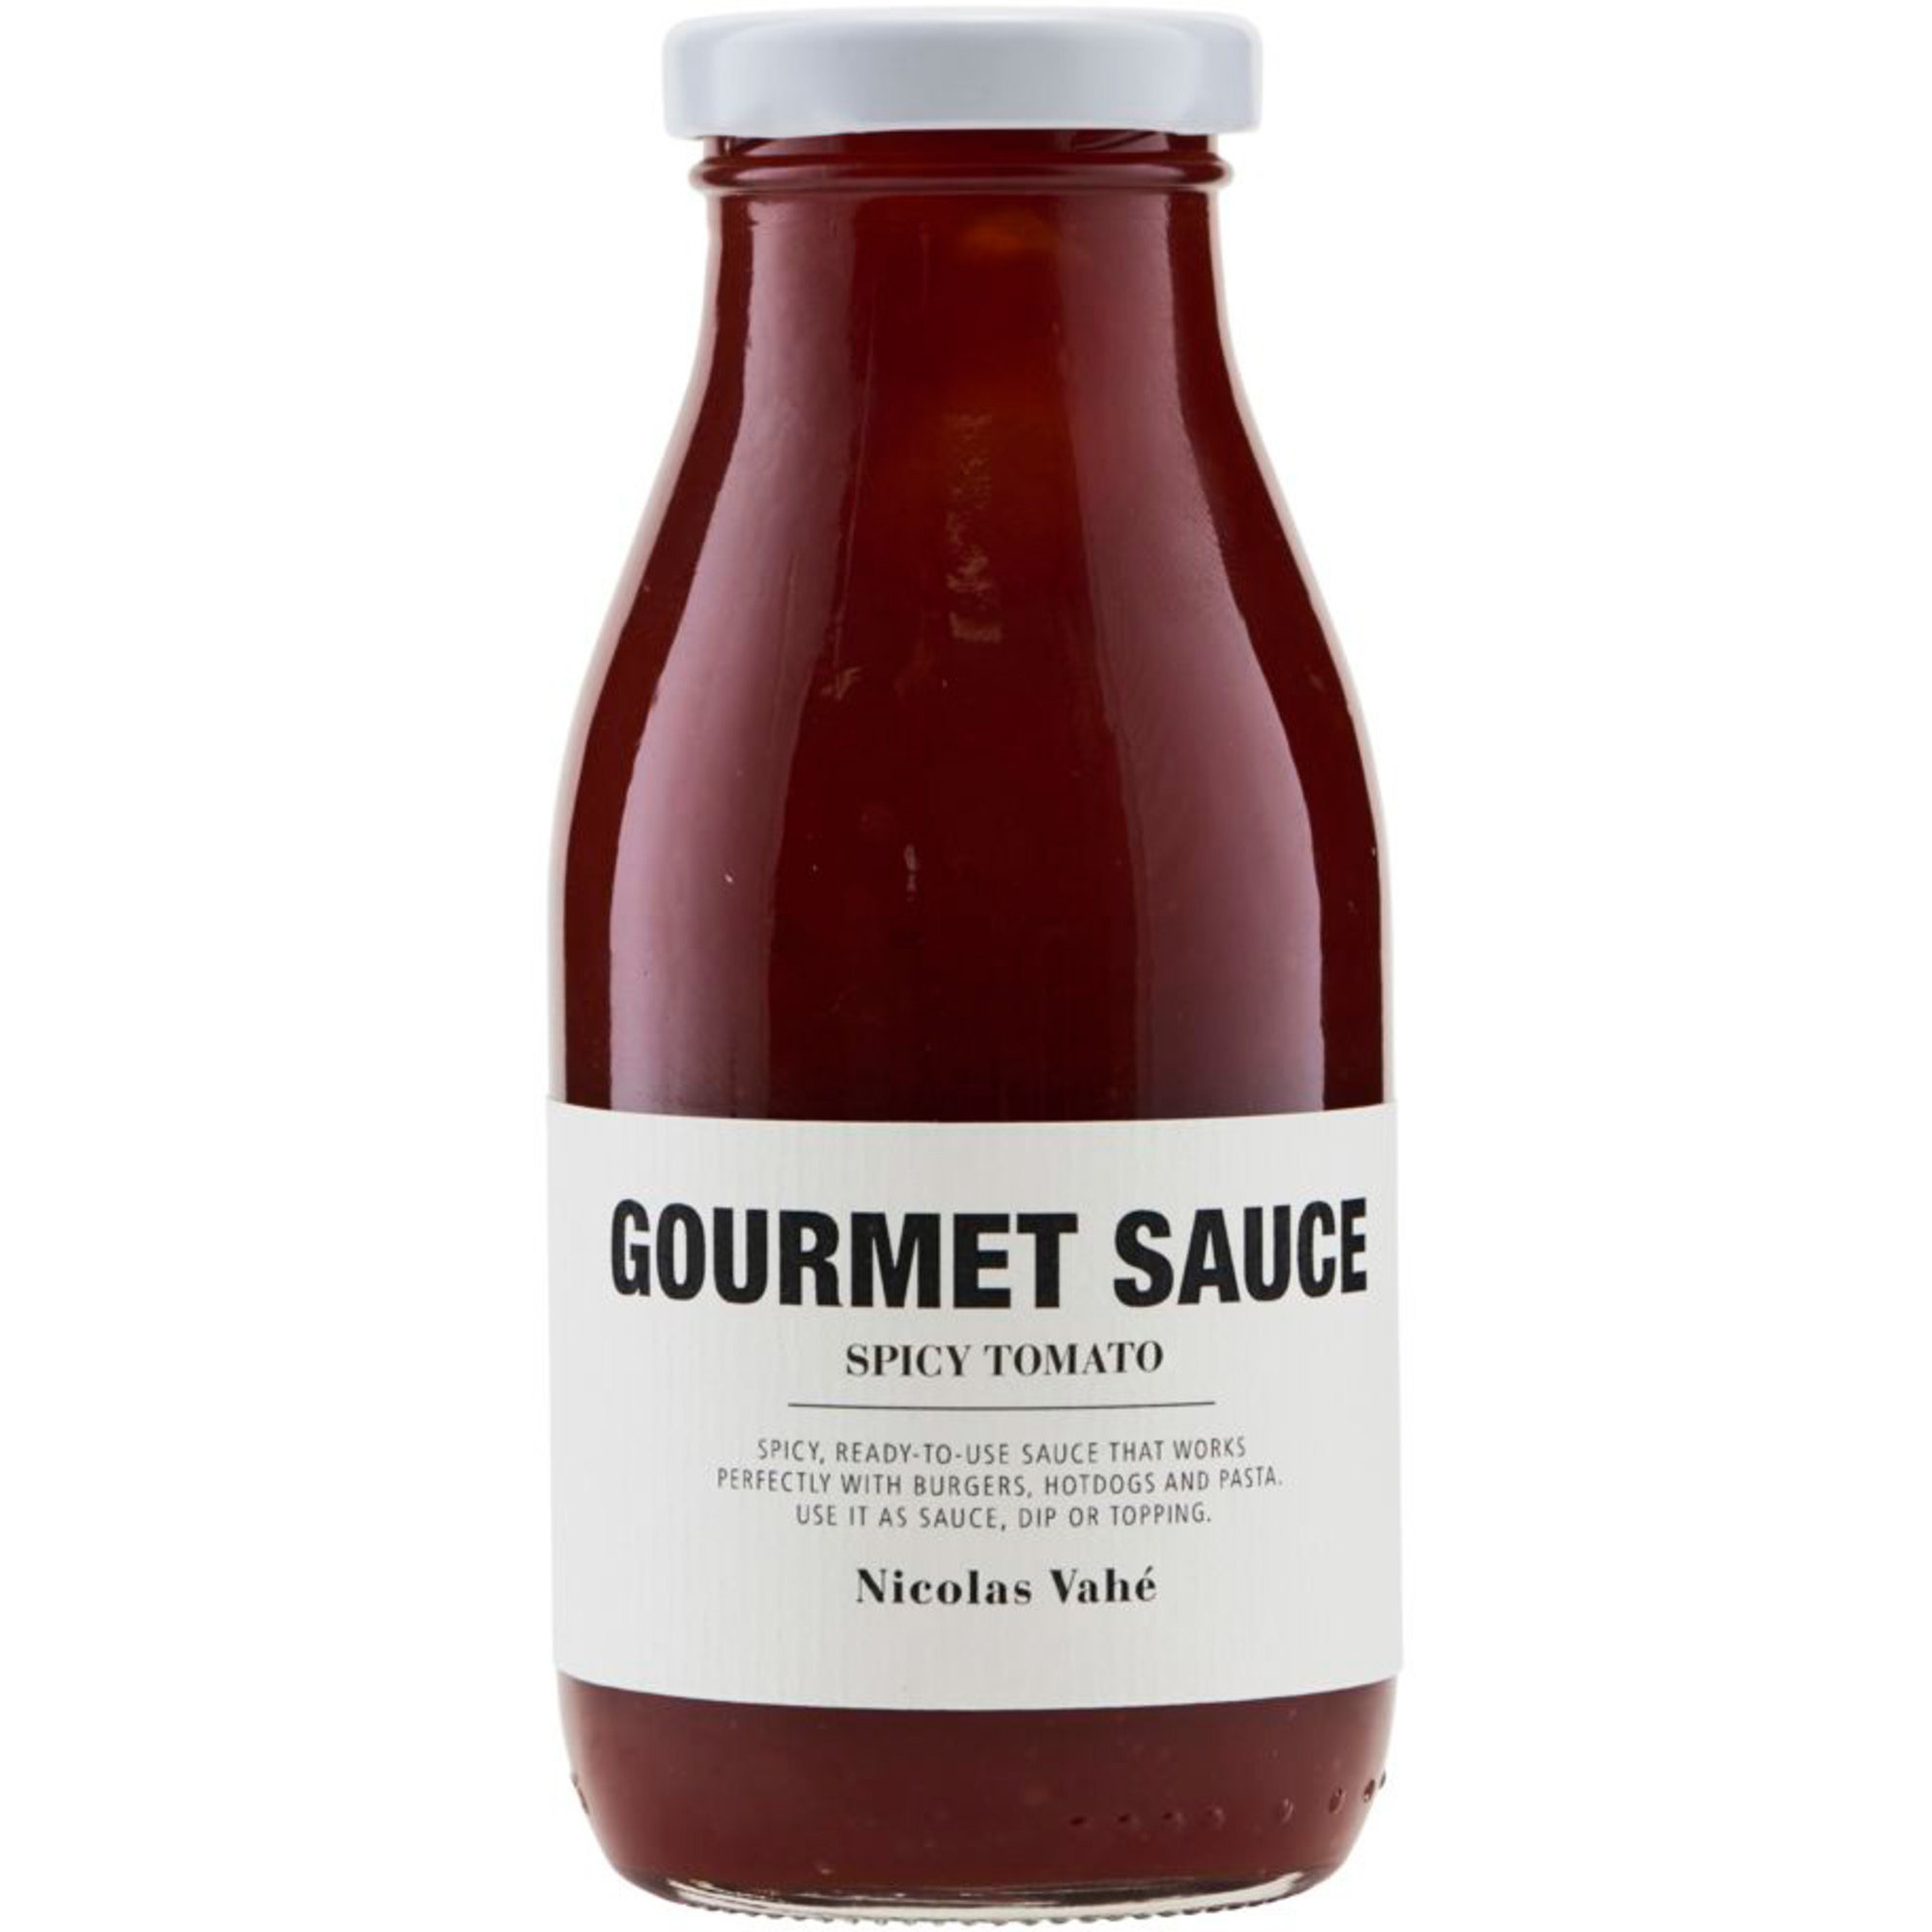 Nicolas Vahé Spicy tomato gourmet sauce